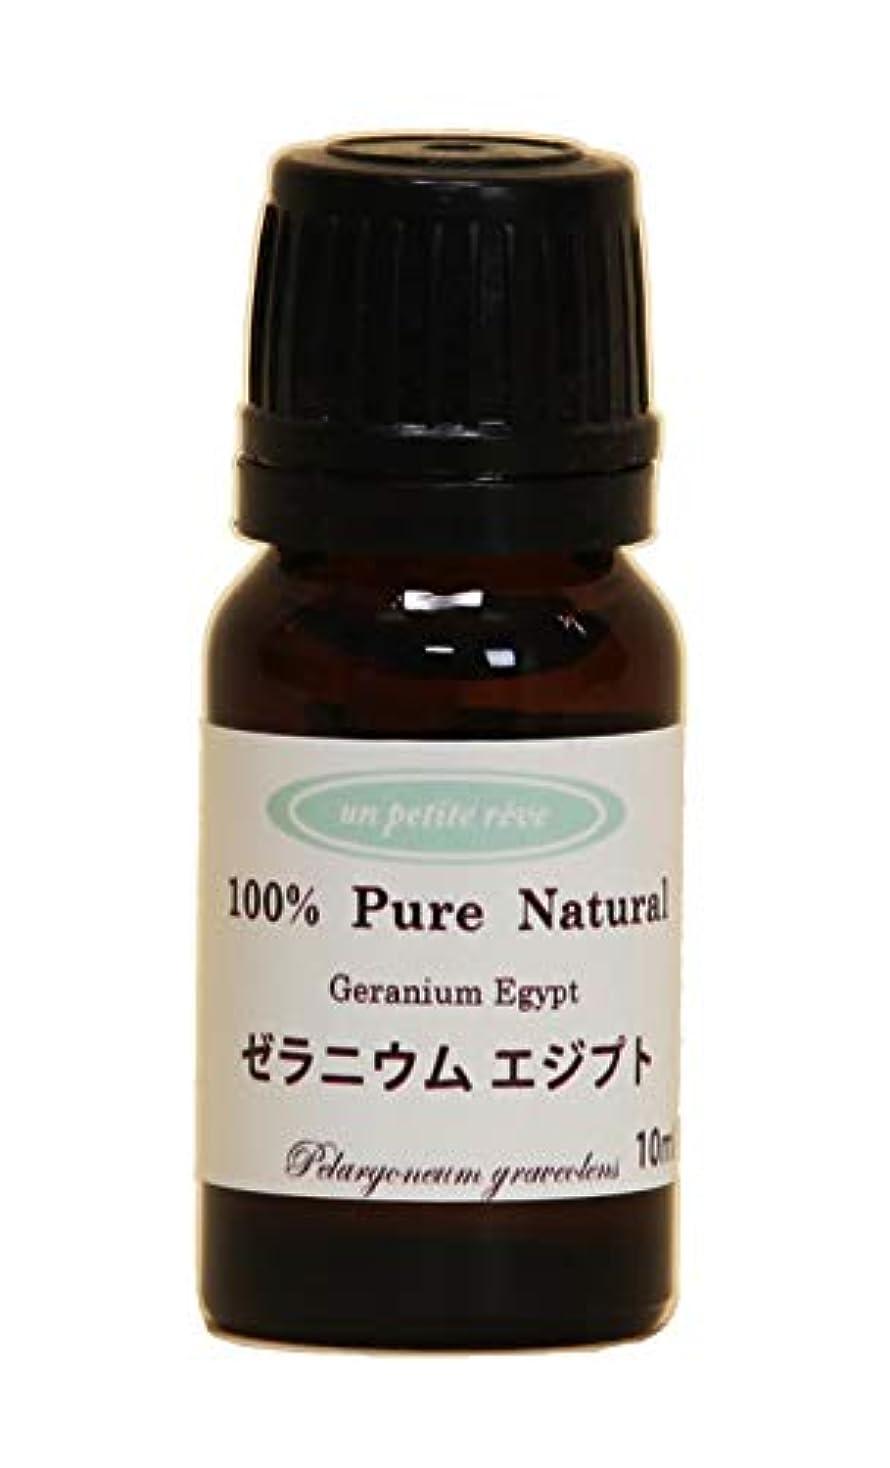 まで感嘆最もゼラニウムエジプト 10ml 100%天然アロマエッセンシャルオイル(精油)